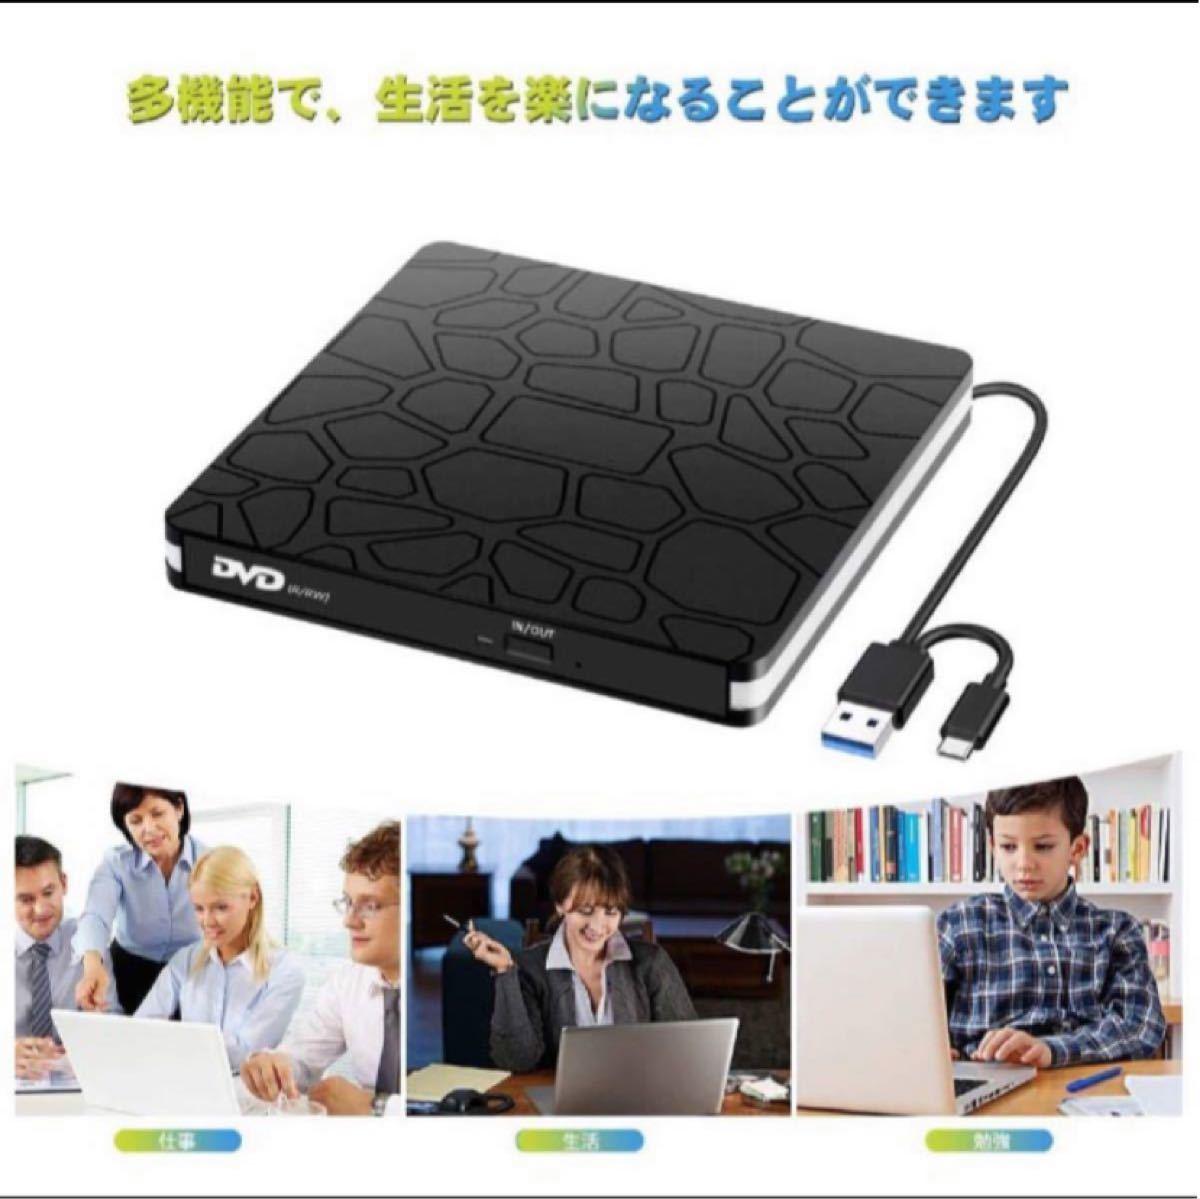 USB3.0 Type C 外付けCD/DVDプレーヤー Type Cポート搭載